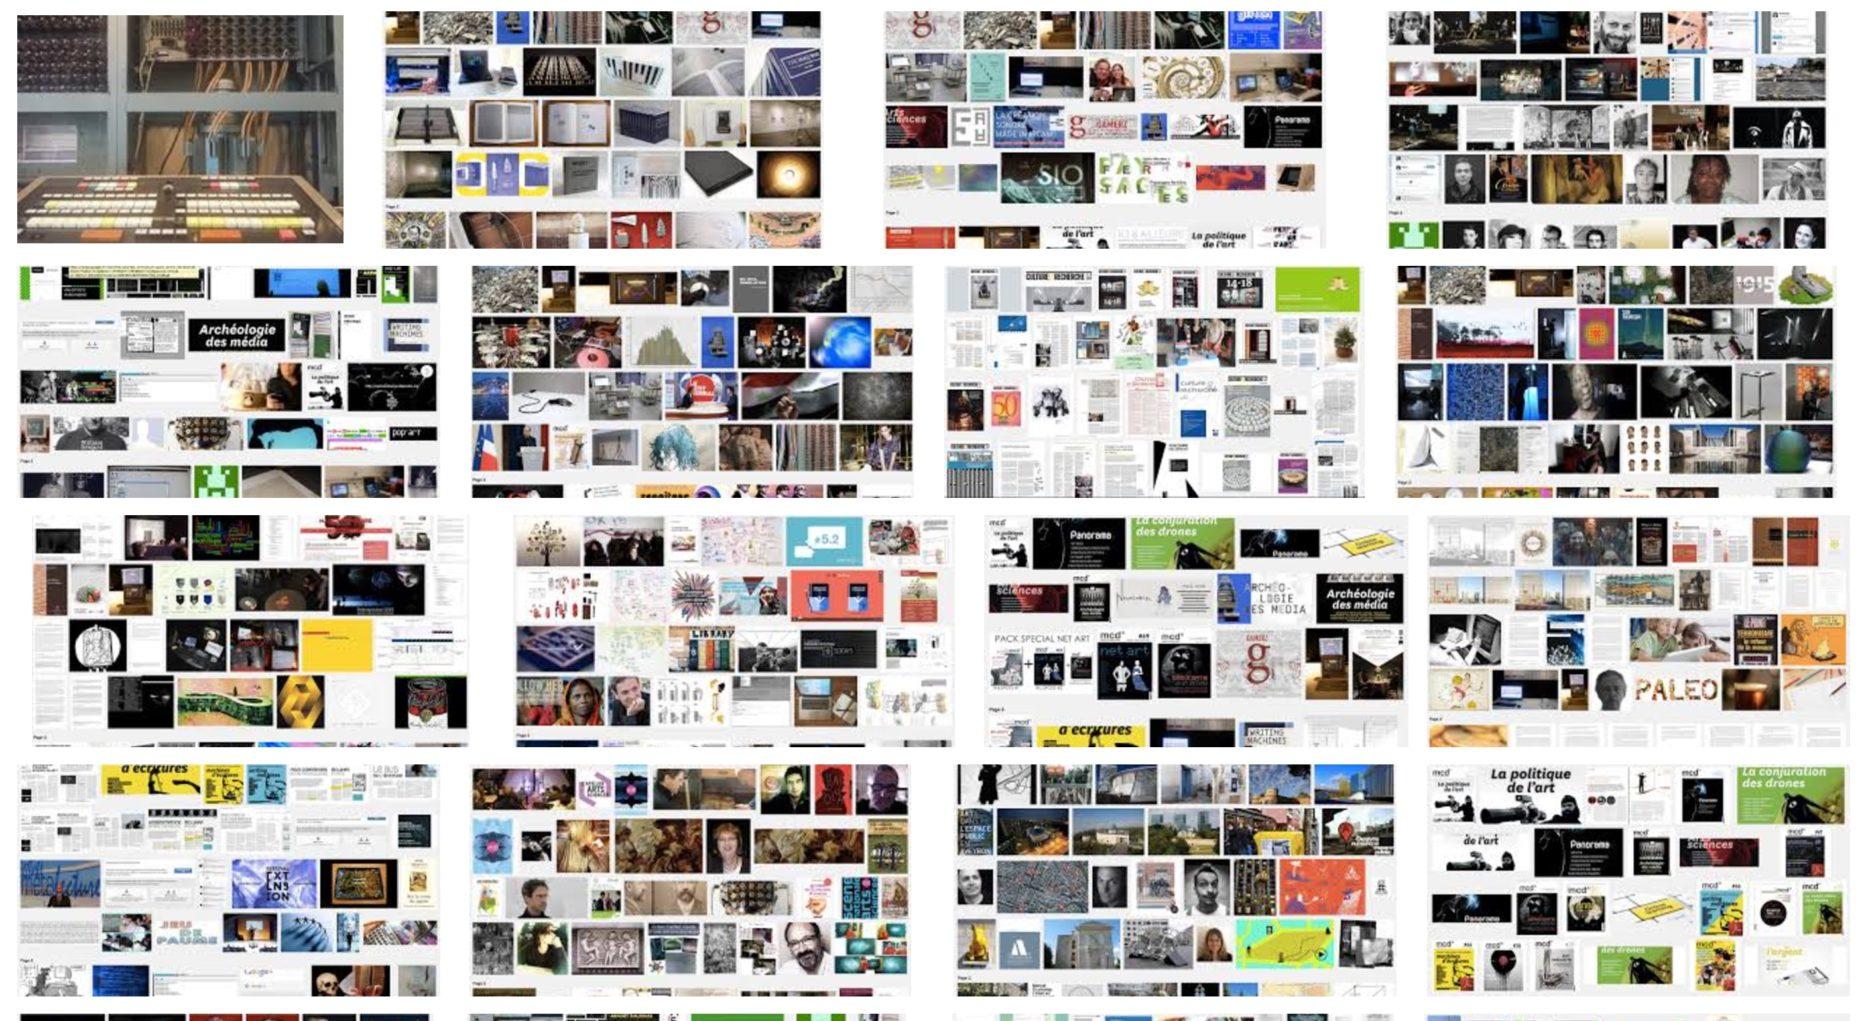 authorized visual copy emmanuel guez